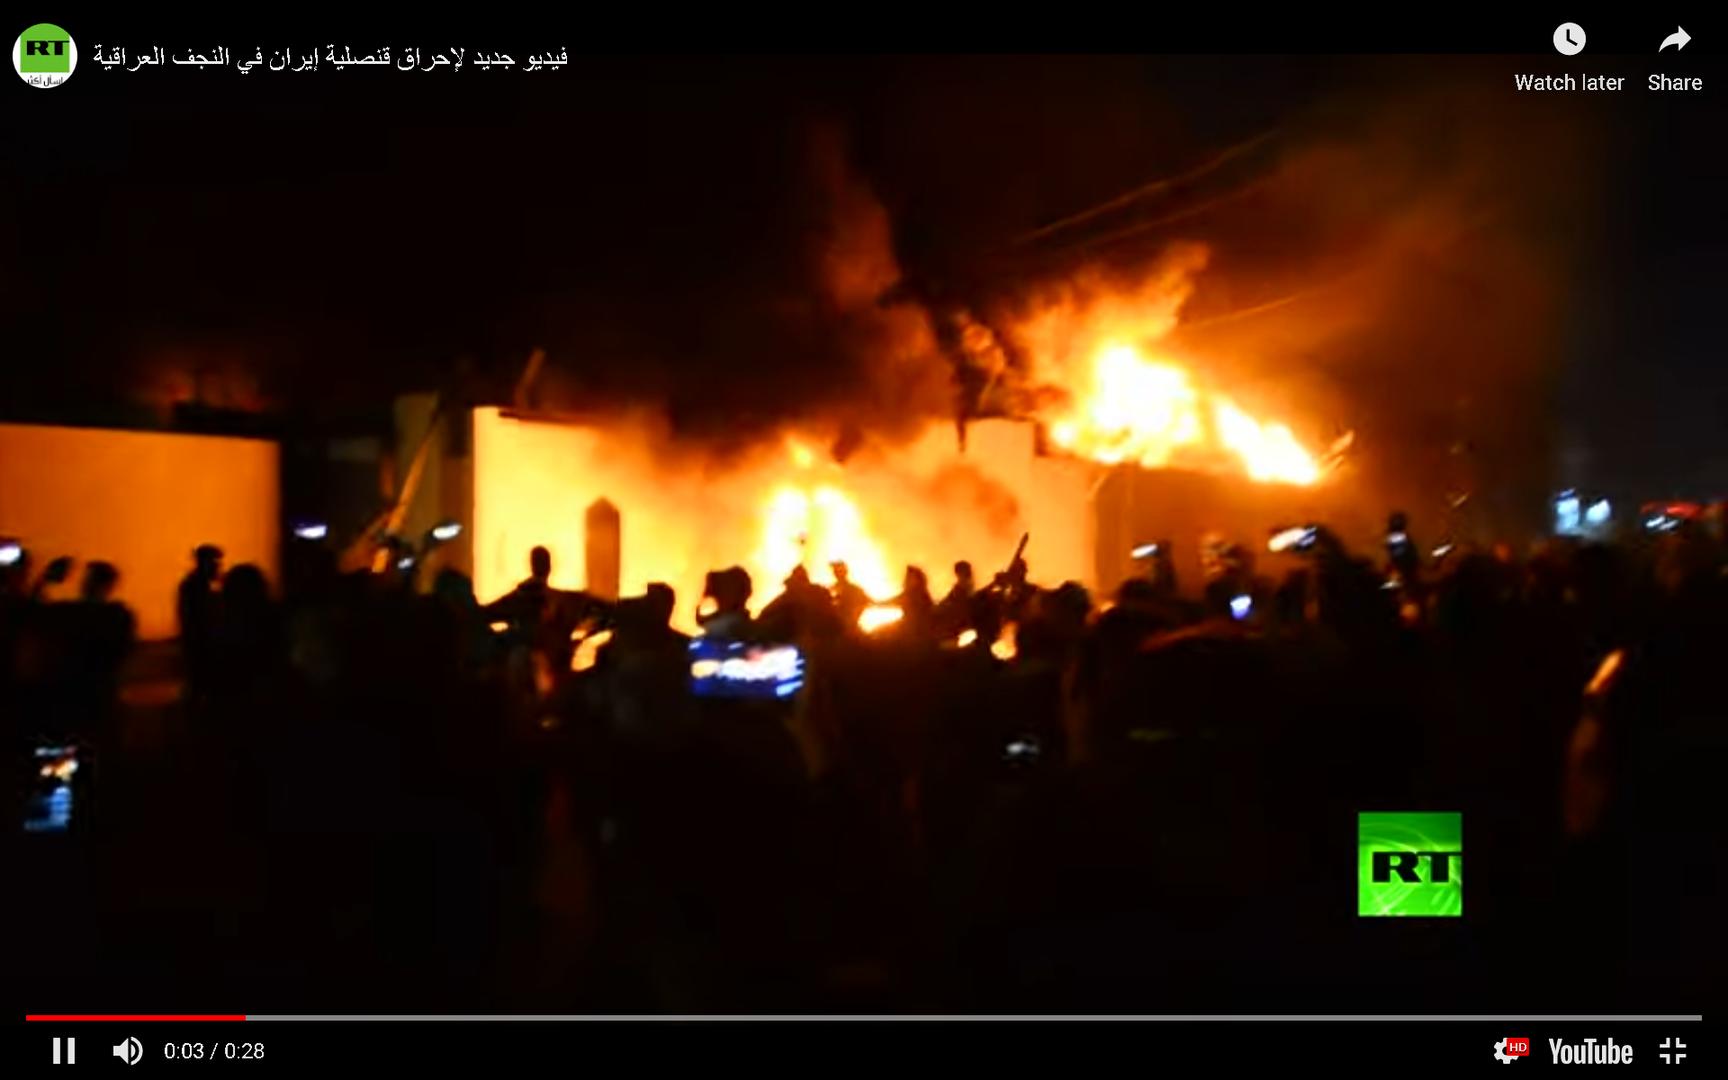 إحراق القنصلية الإيرانية في مدينة النجف جنوب العراق للمرة الثانية خلال أسبوع